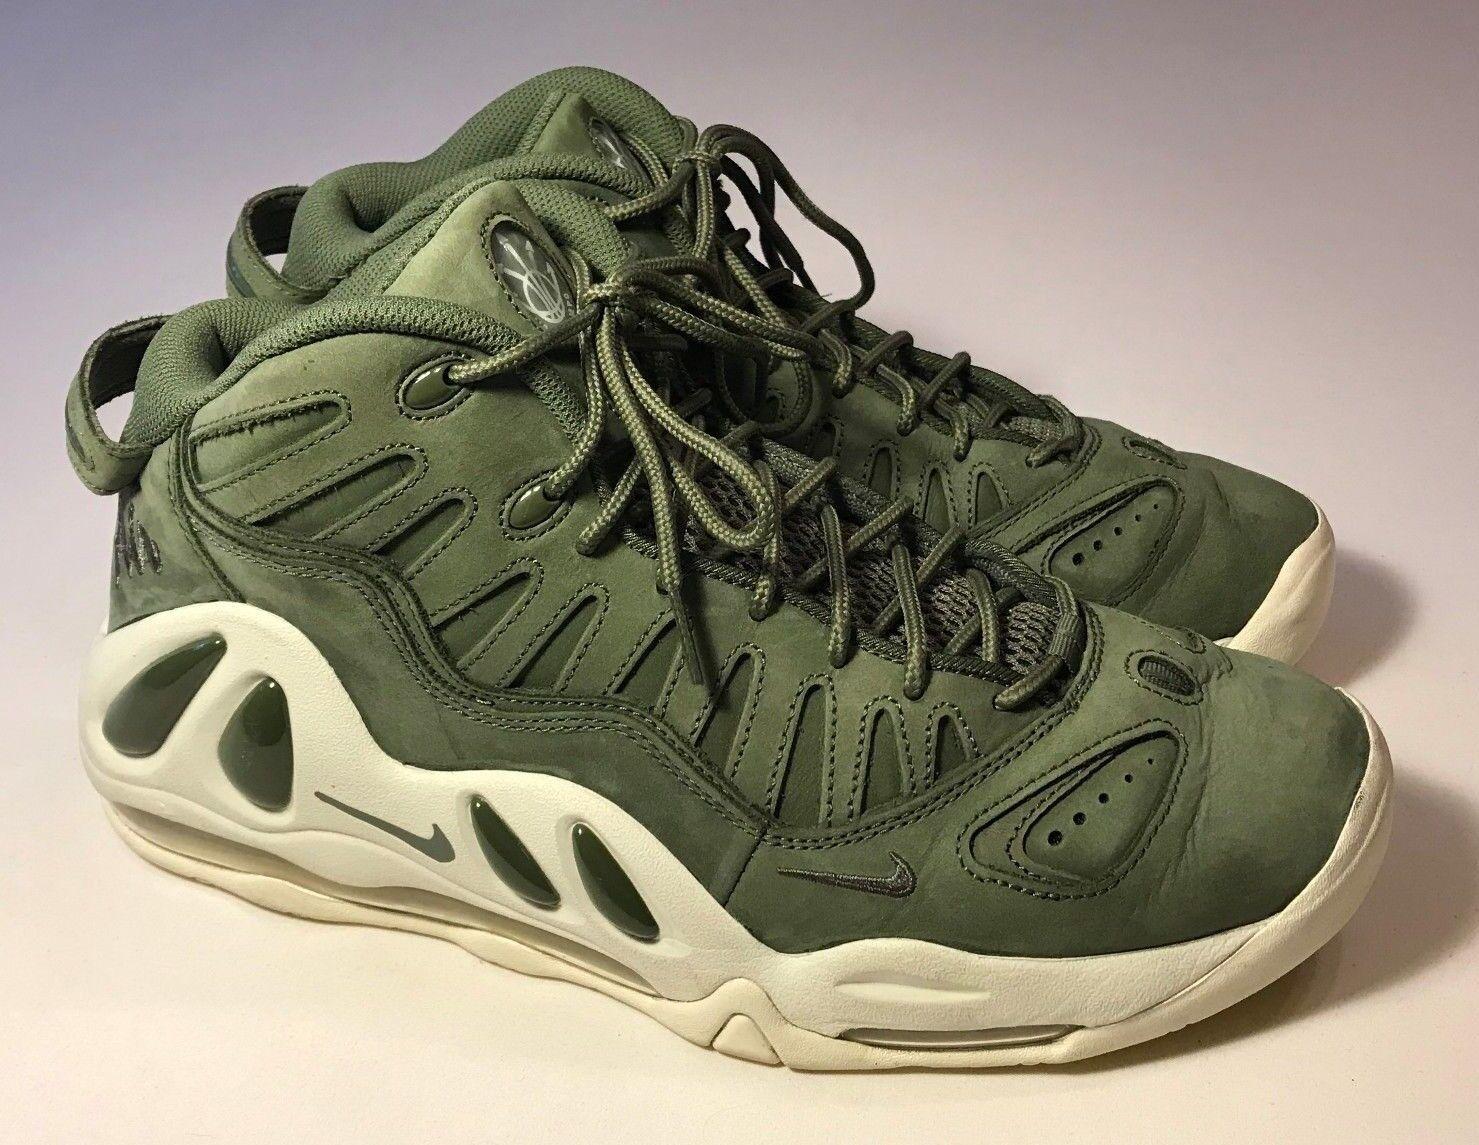 Nike Air Max Uptempo 97 Urban Haze (399207-300) Basketball Shoes Men Size 12